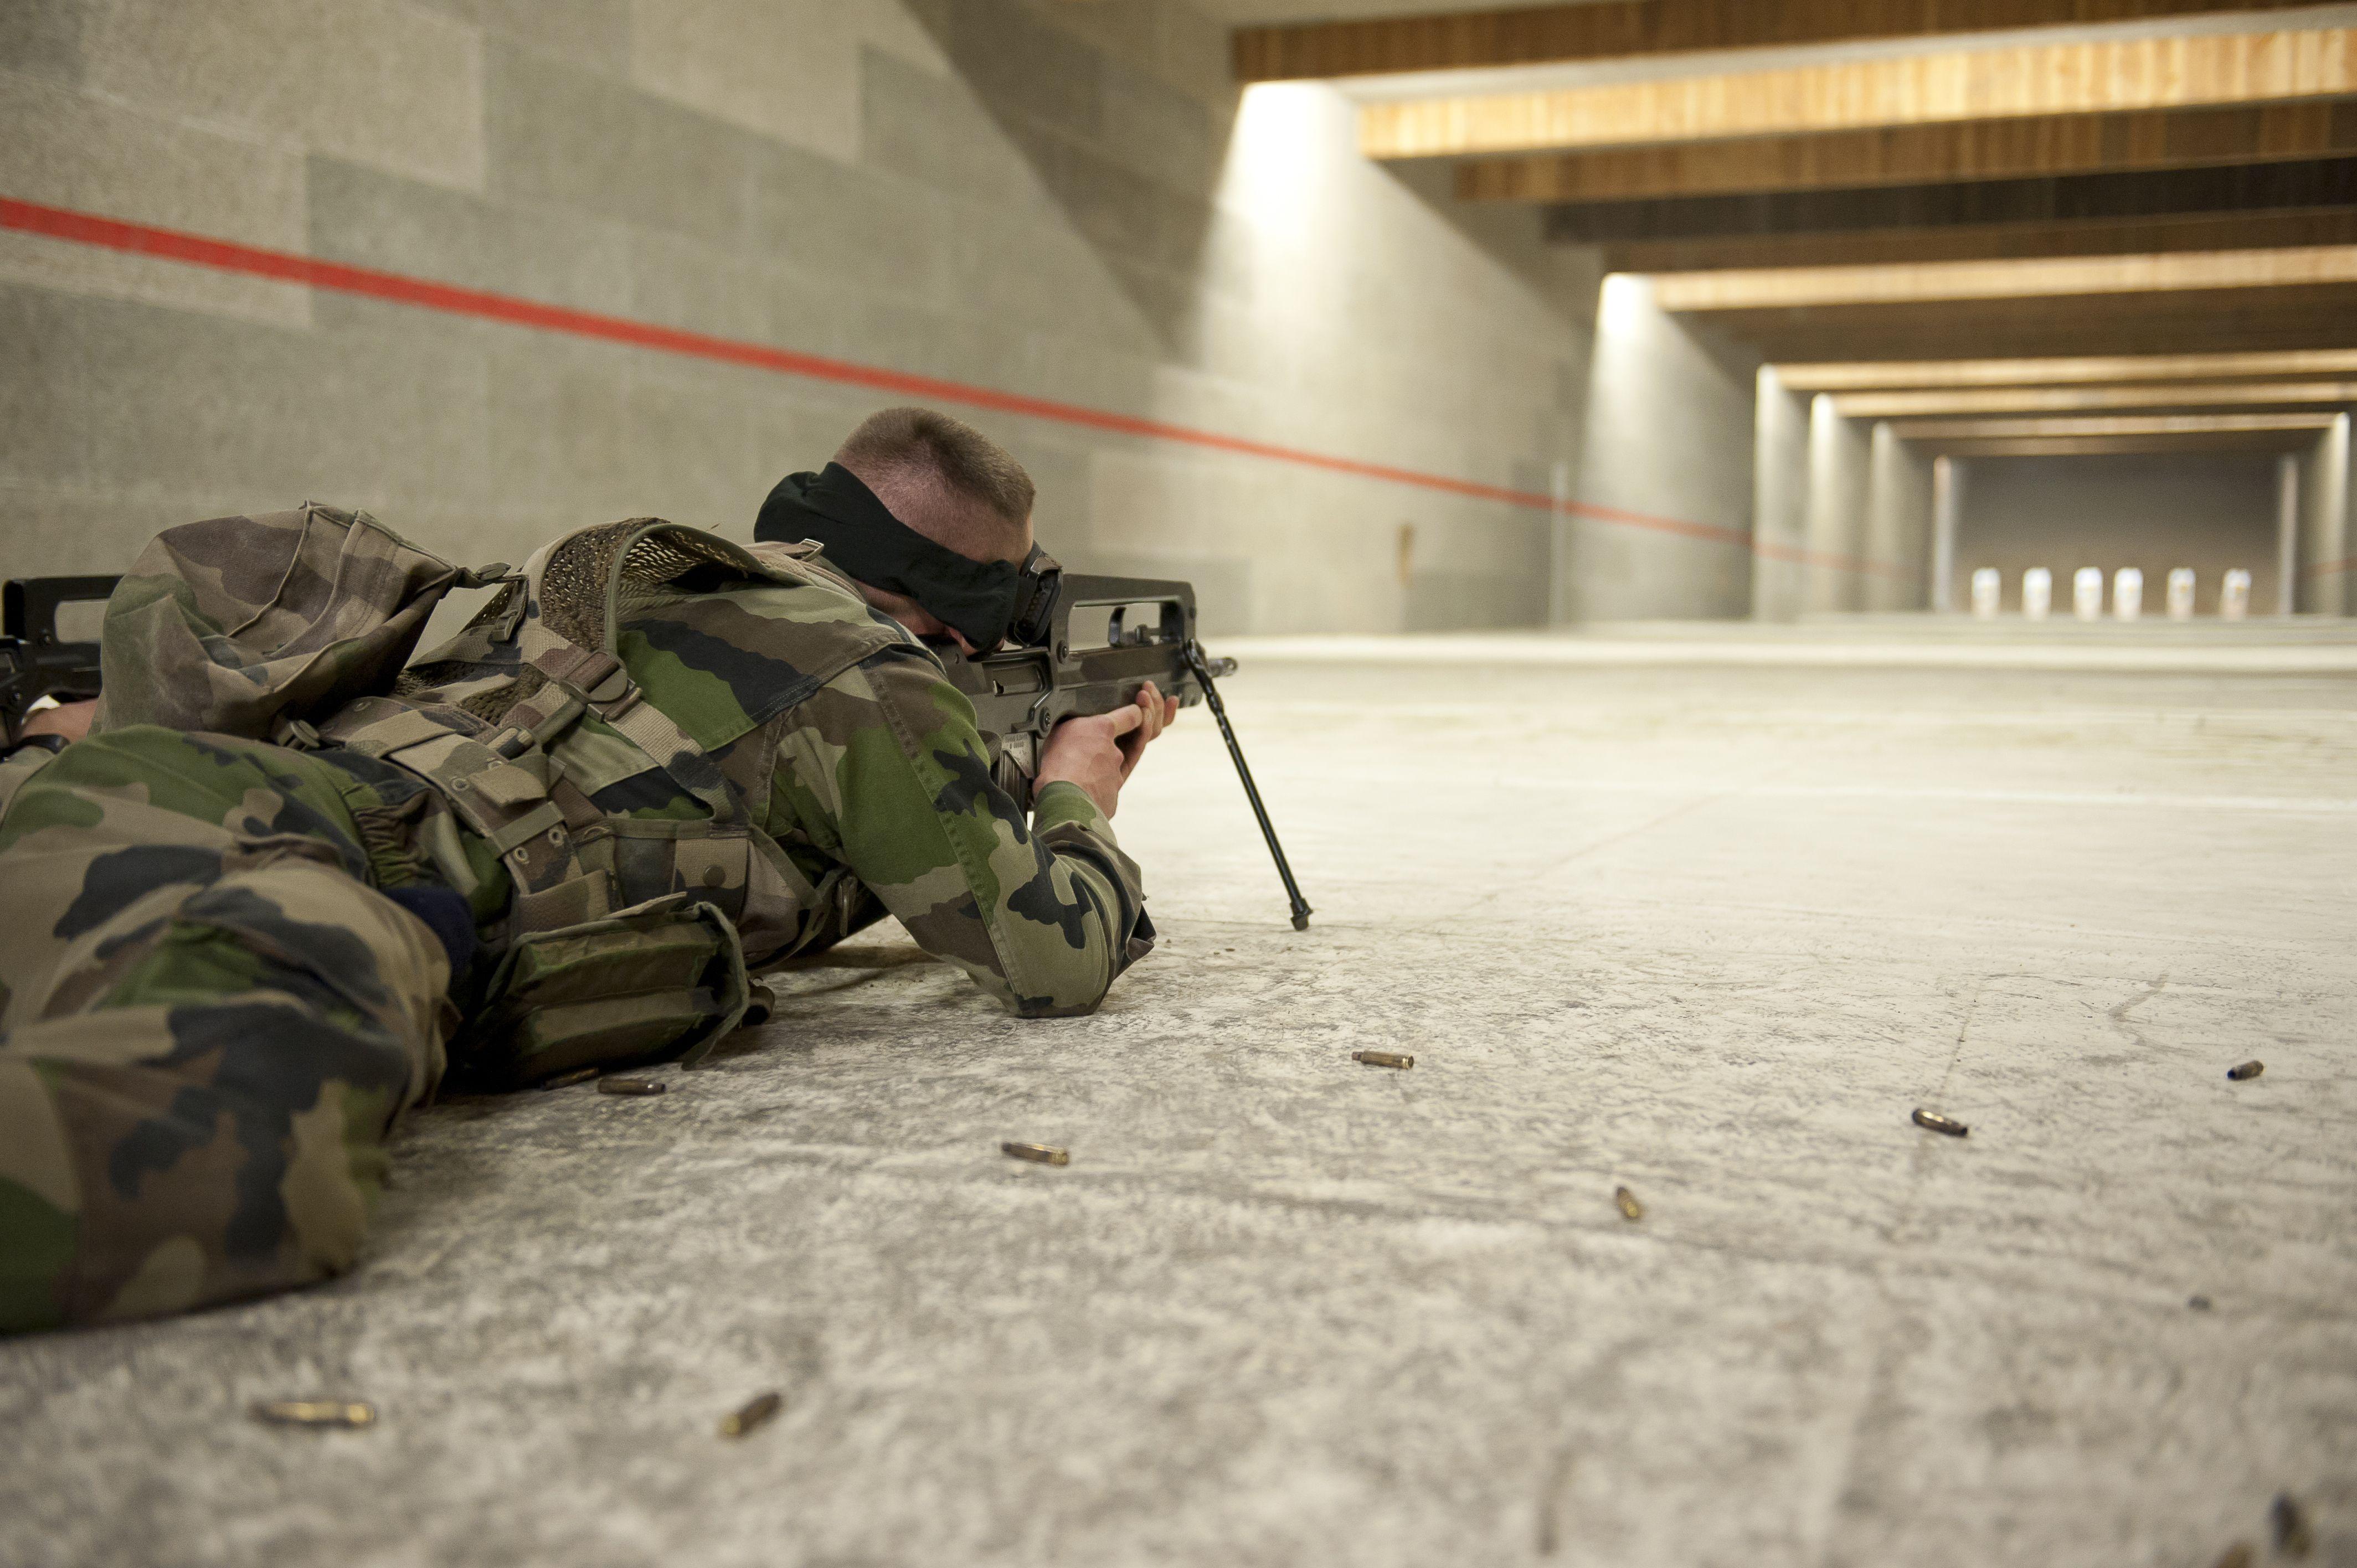 Les Soldats A L Entrainement Au Tir Famas A 200 M En Stand De Tir Couvert C Armee De Terre Armee De Terre Armee De Terre Francaise Armee Francaise